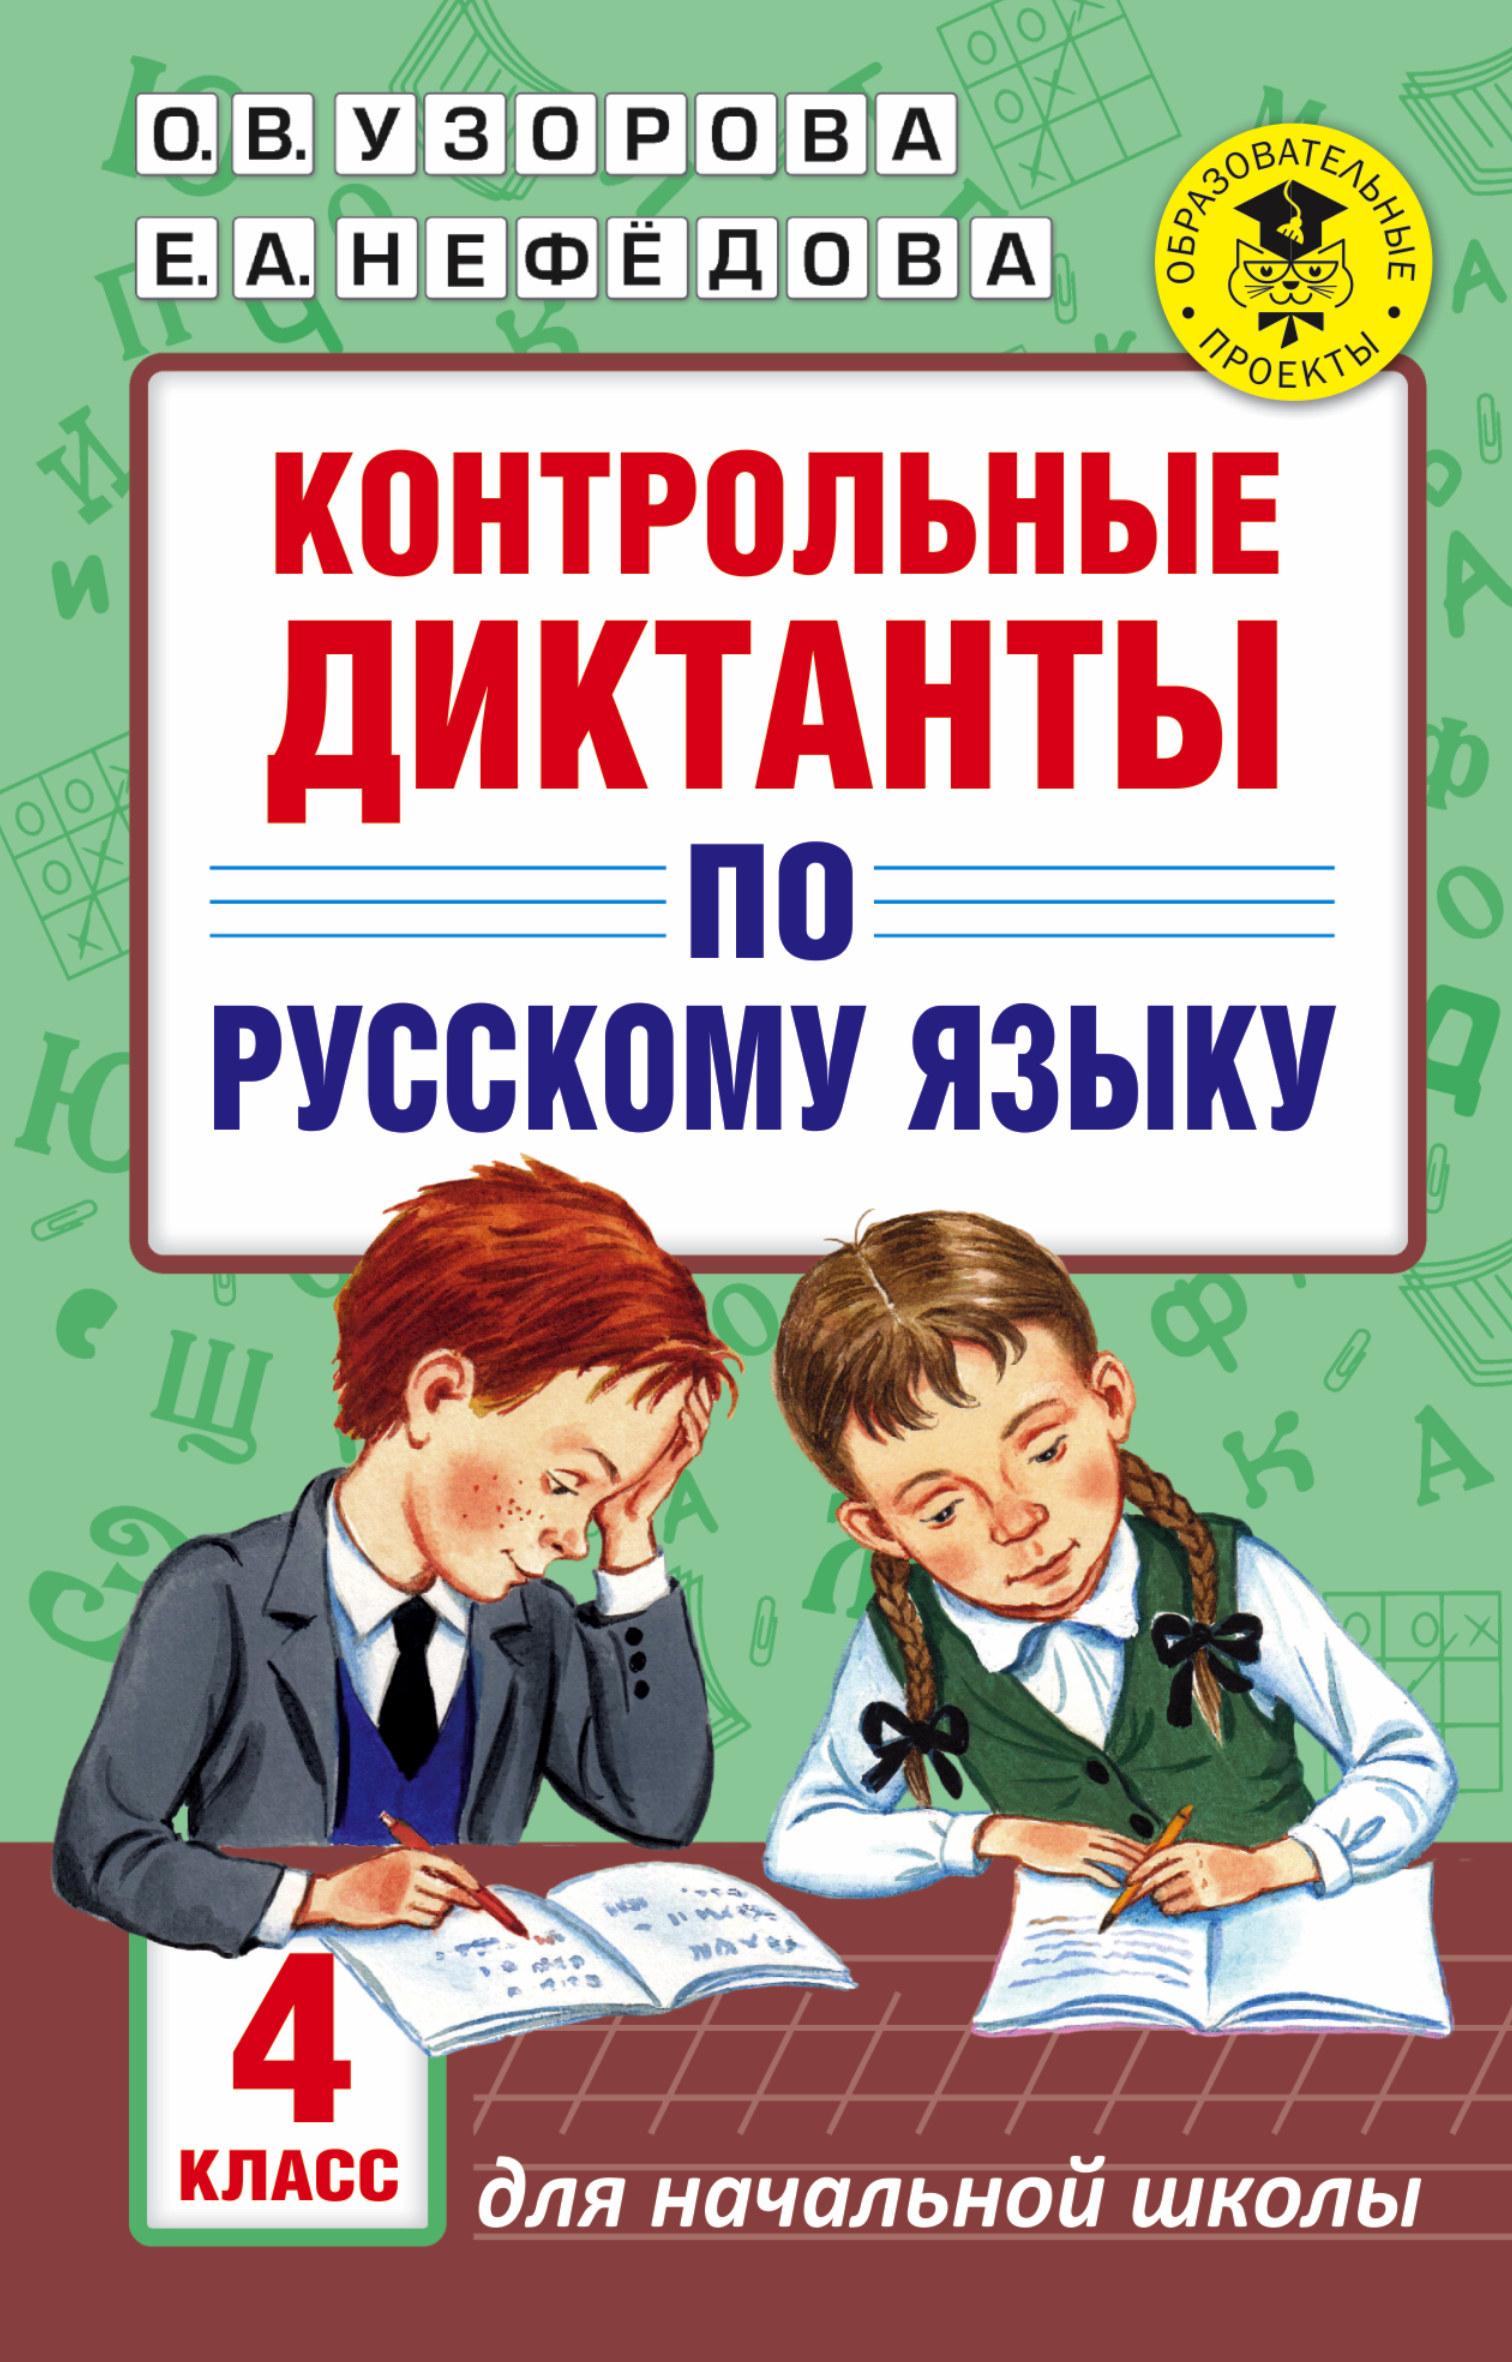 Диктанты по темам по русскому языку класс Контрольный диктант 8 класс разделы русского языка